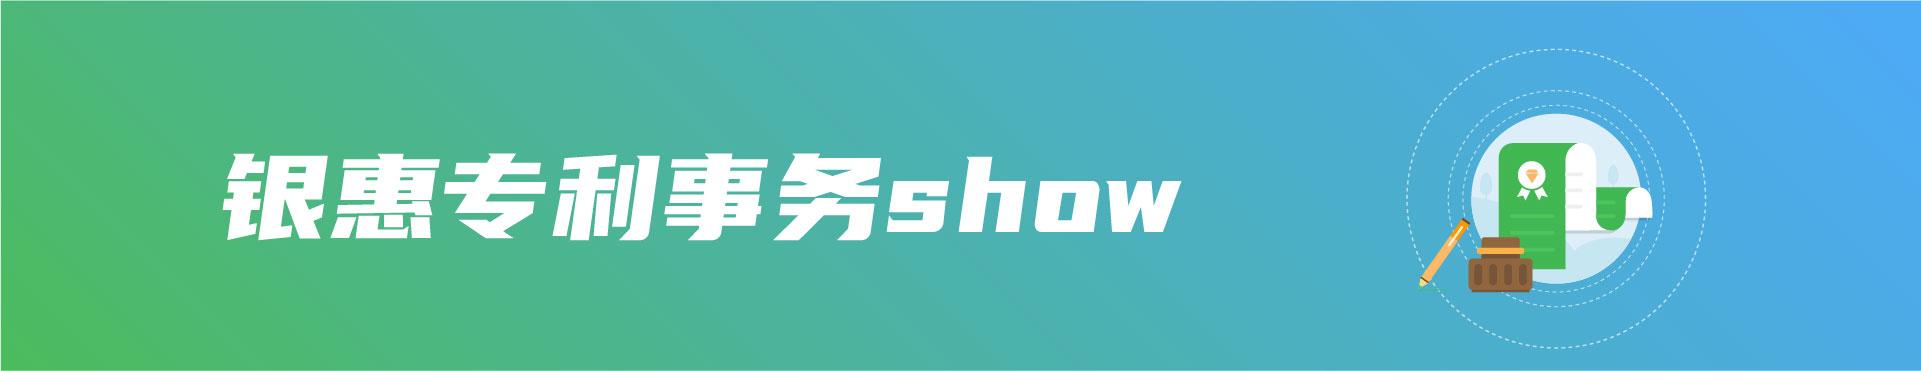 银惠专利实务SHOW